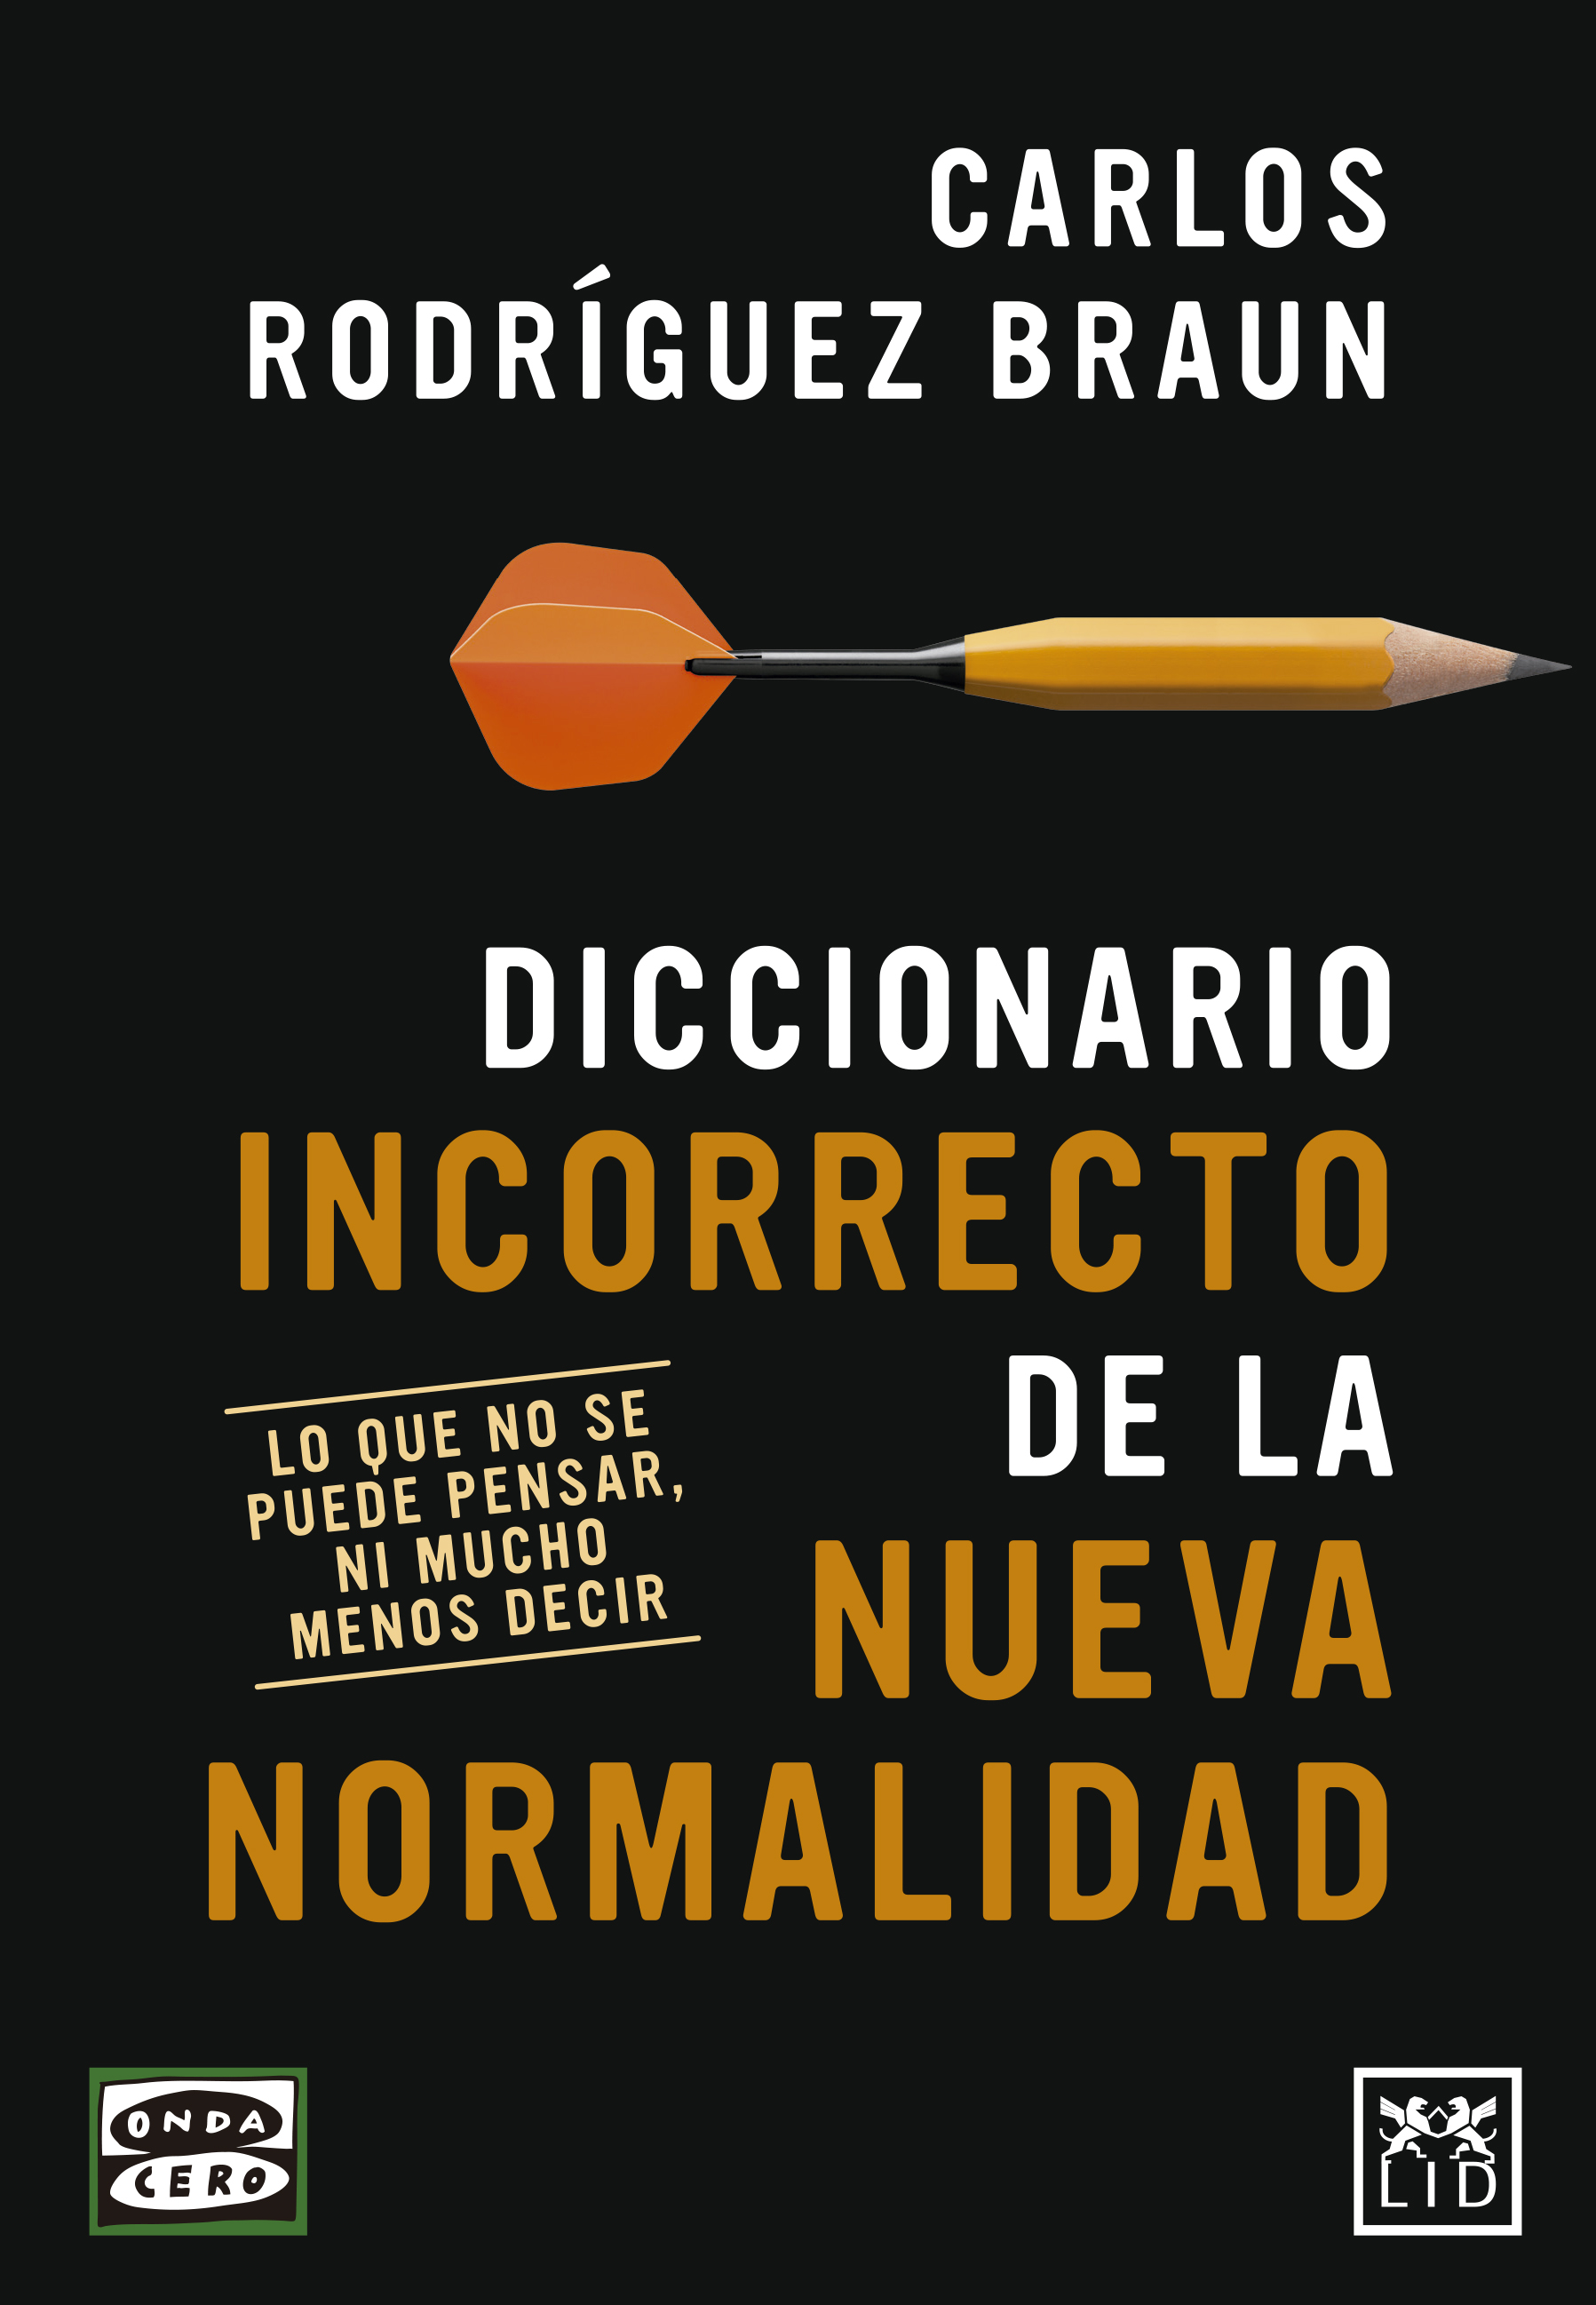 diccionario_incorrecto_de_la_nueva_normalidad